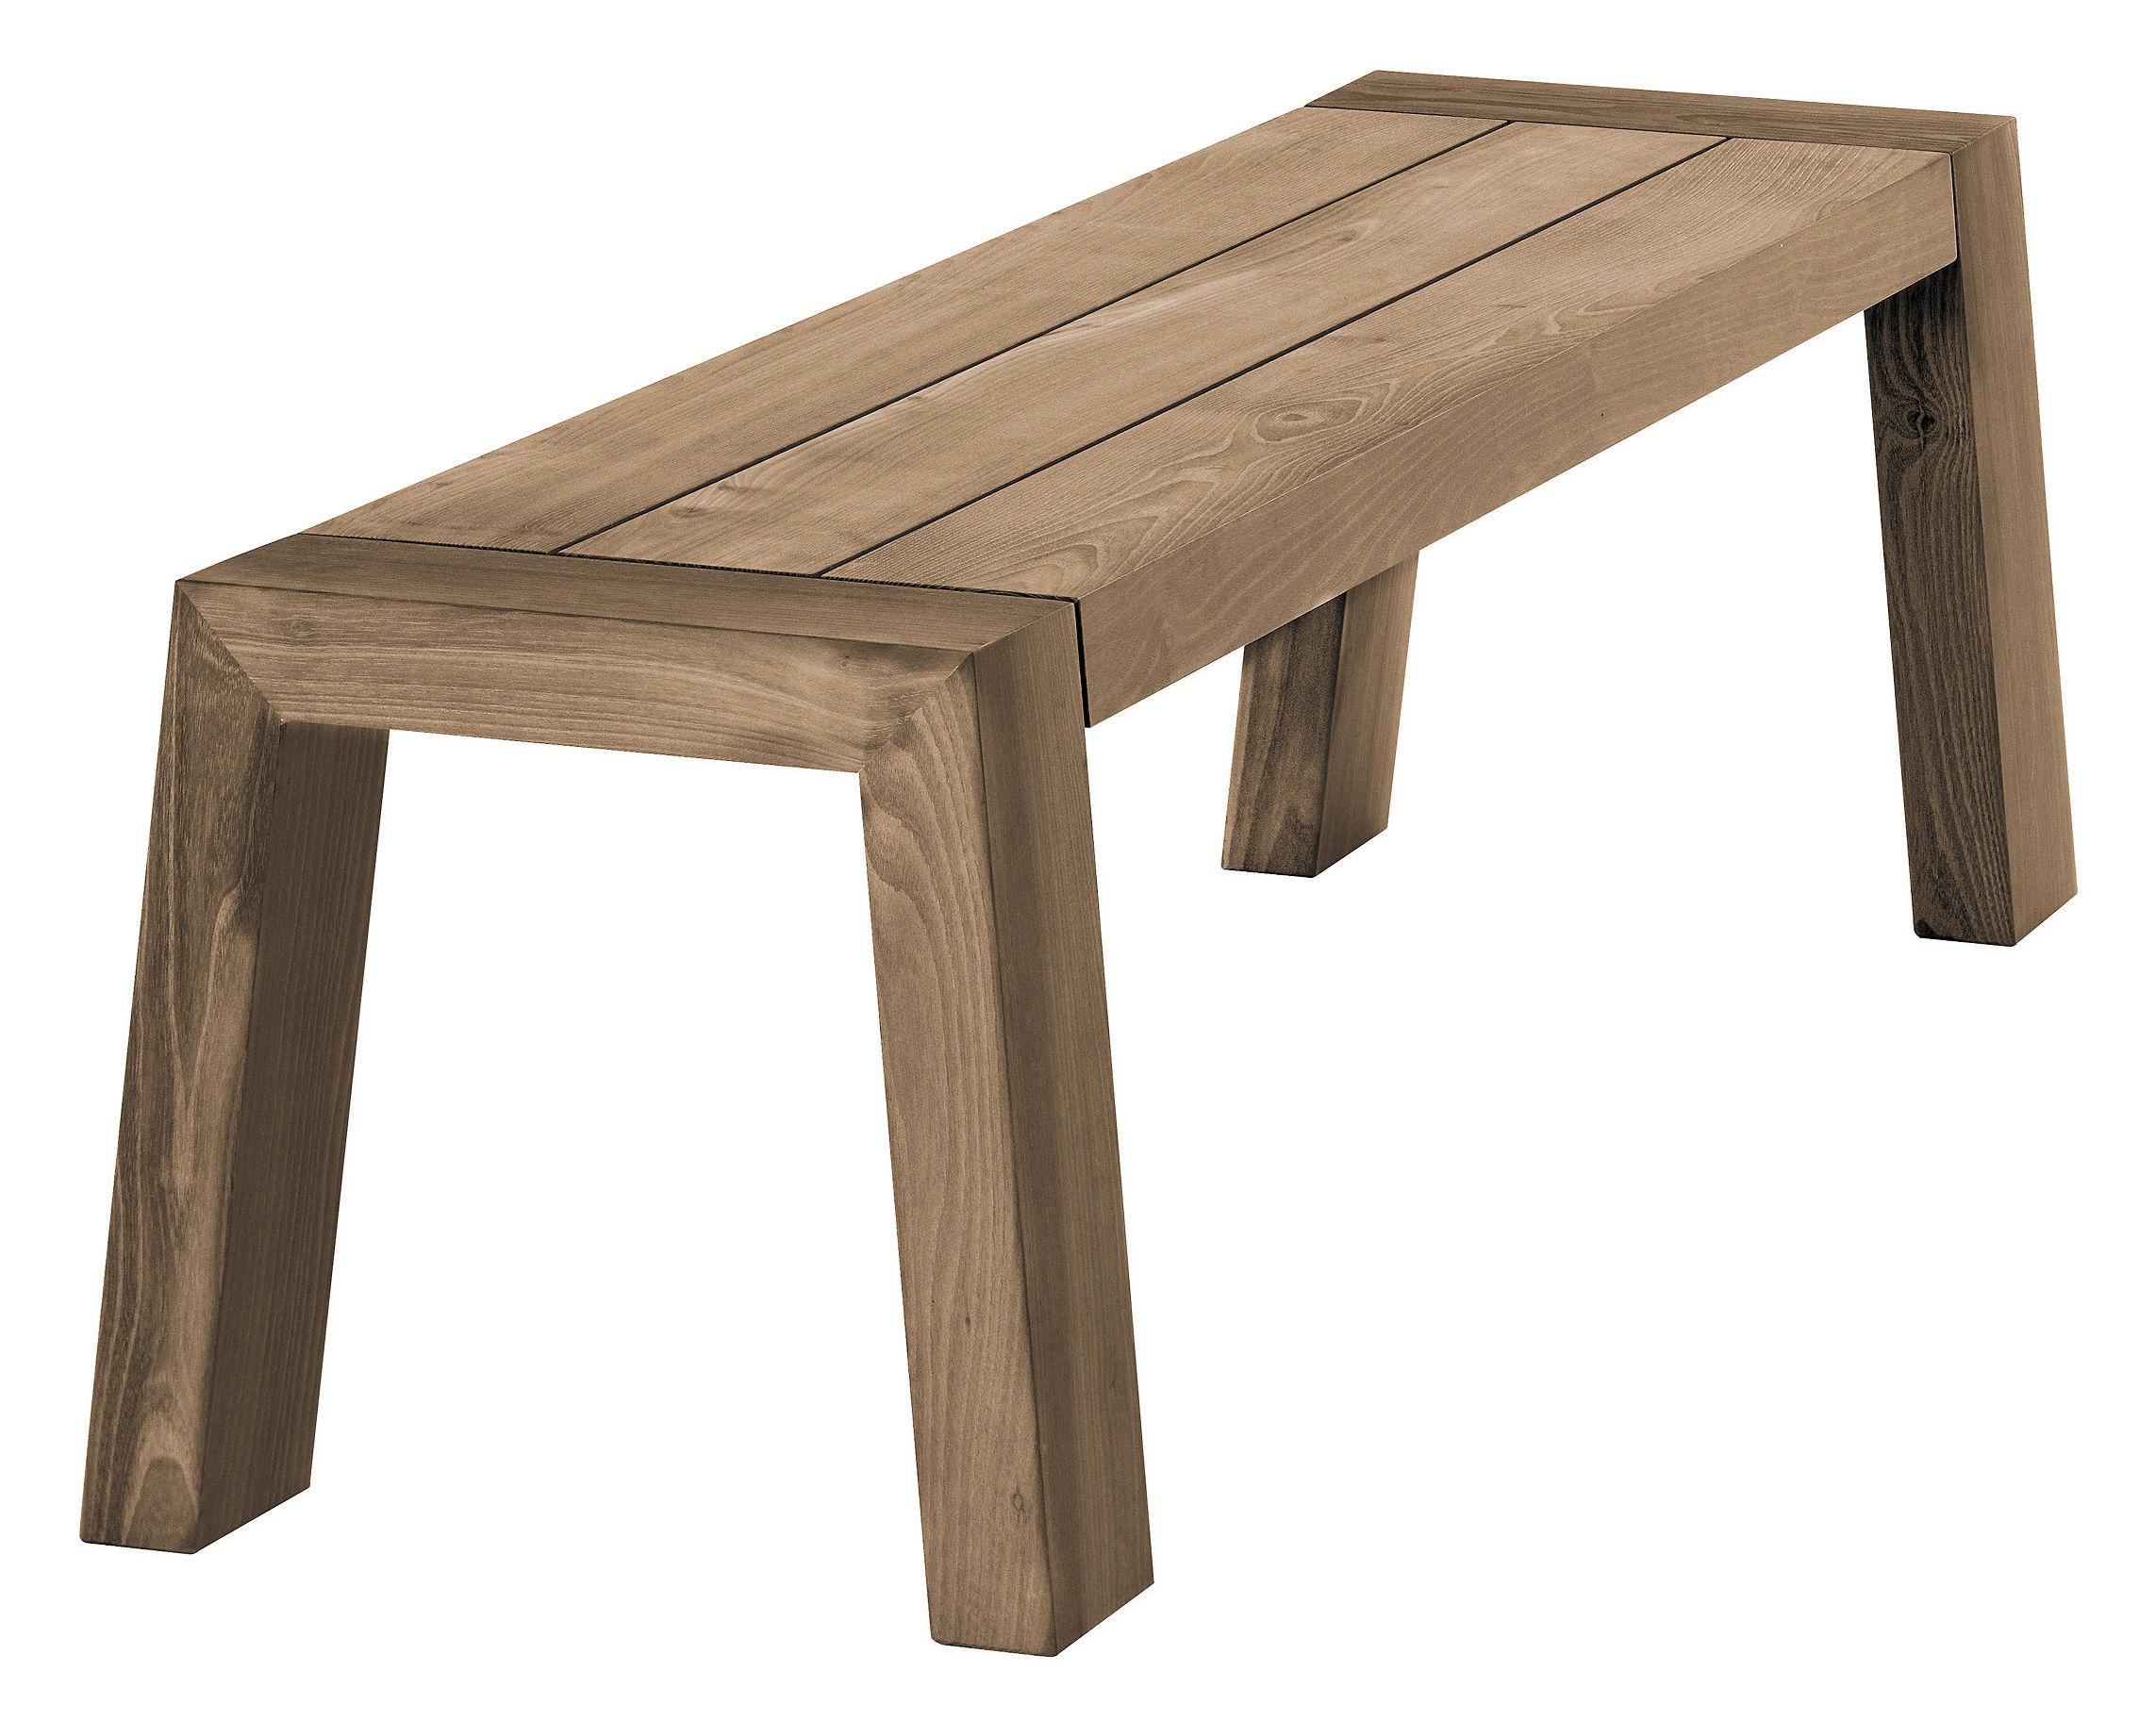 banc solo l 160 cm bois l 160 cm viteo made in design. Black Bedroom Furniture Sets. Home Design Ideas